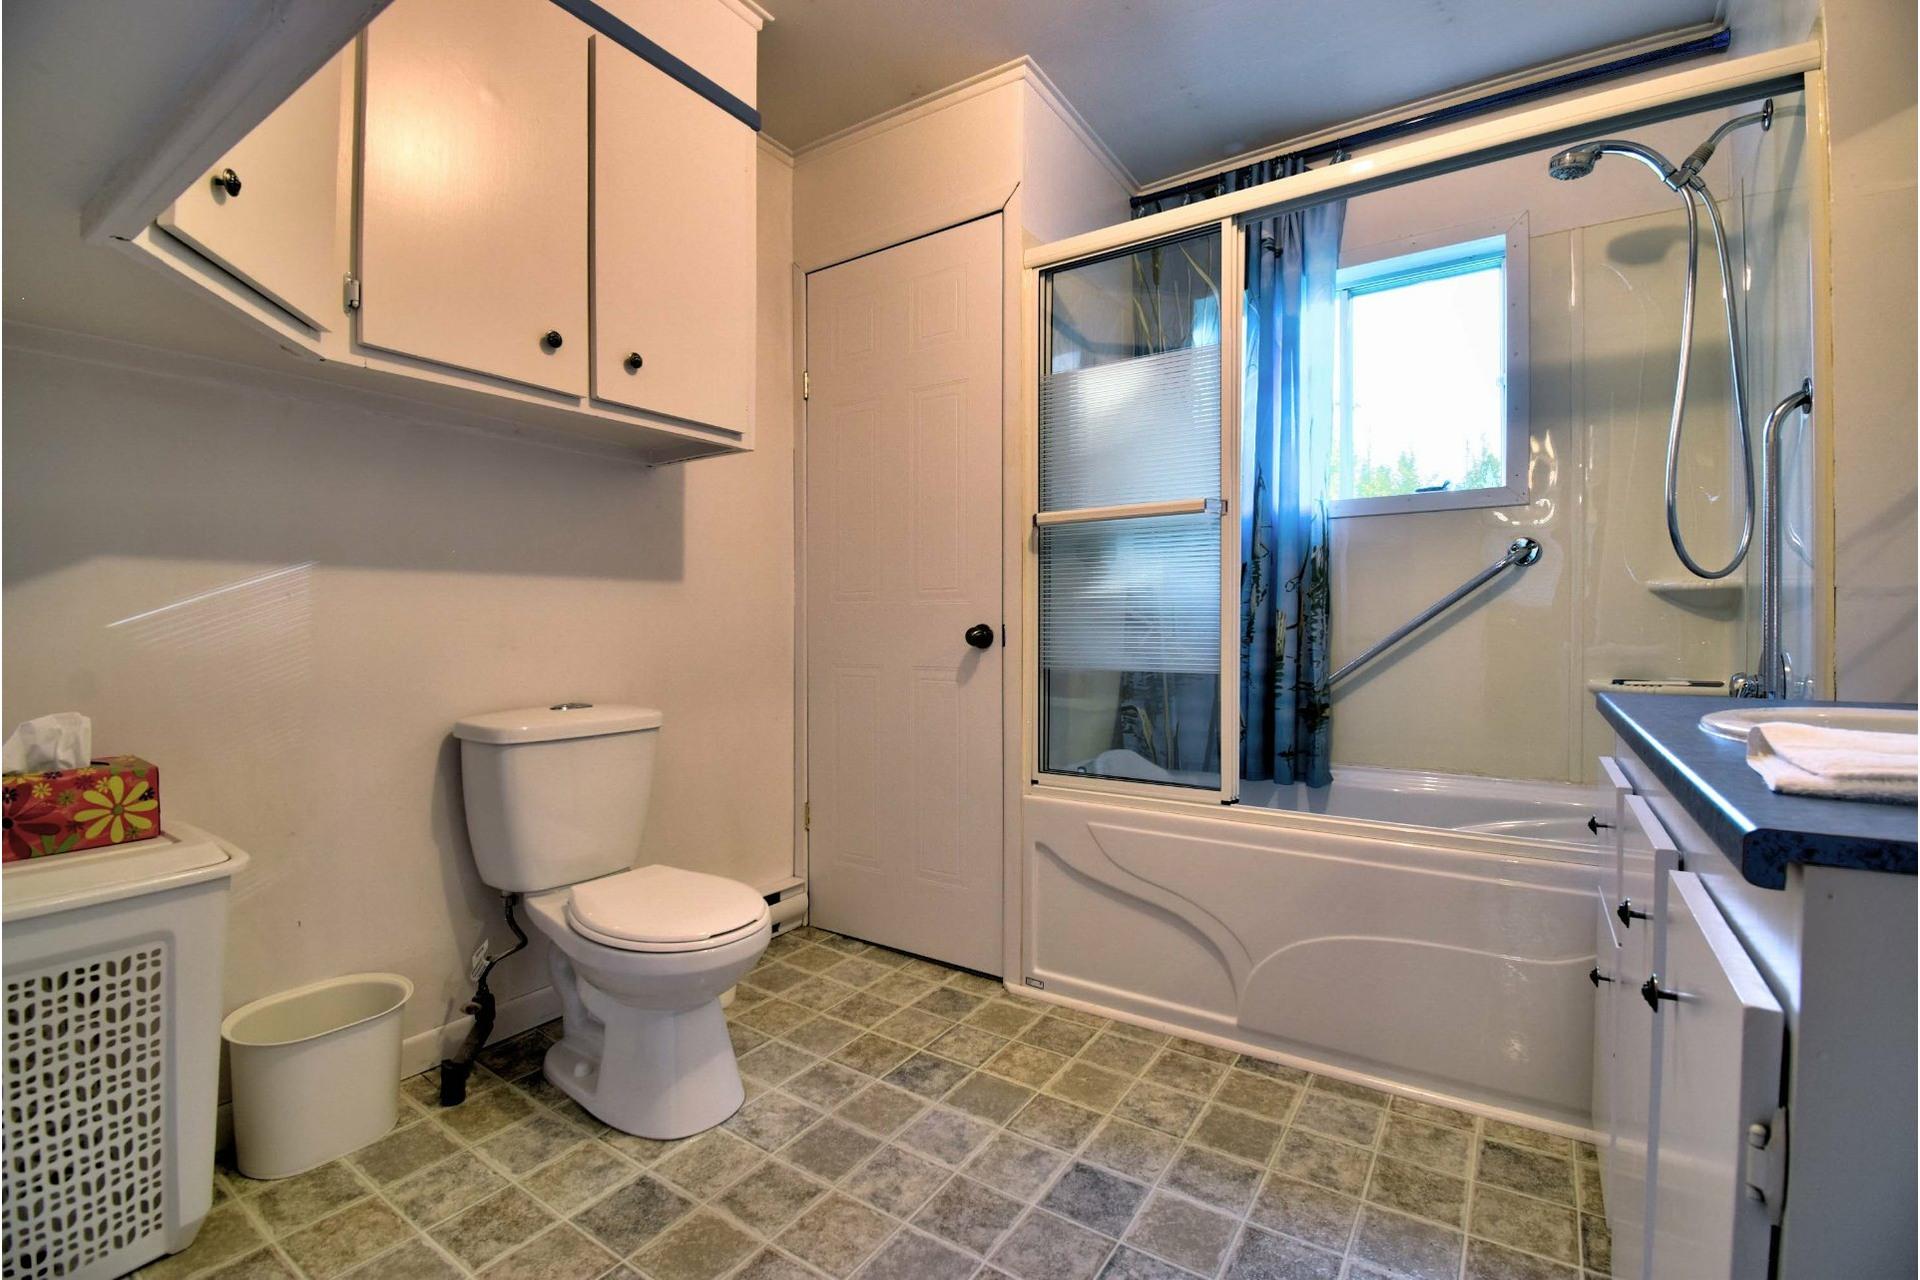 image 18 - House For sale Trois-Rivières - 6 rooms